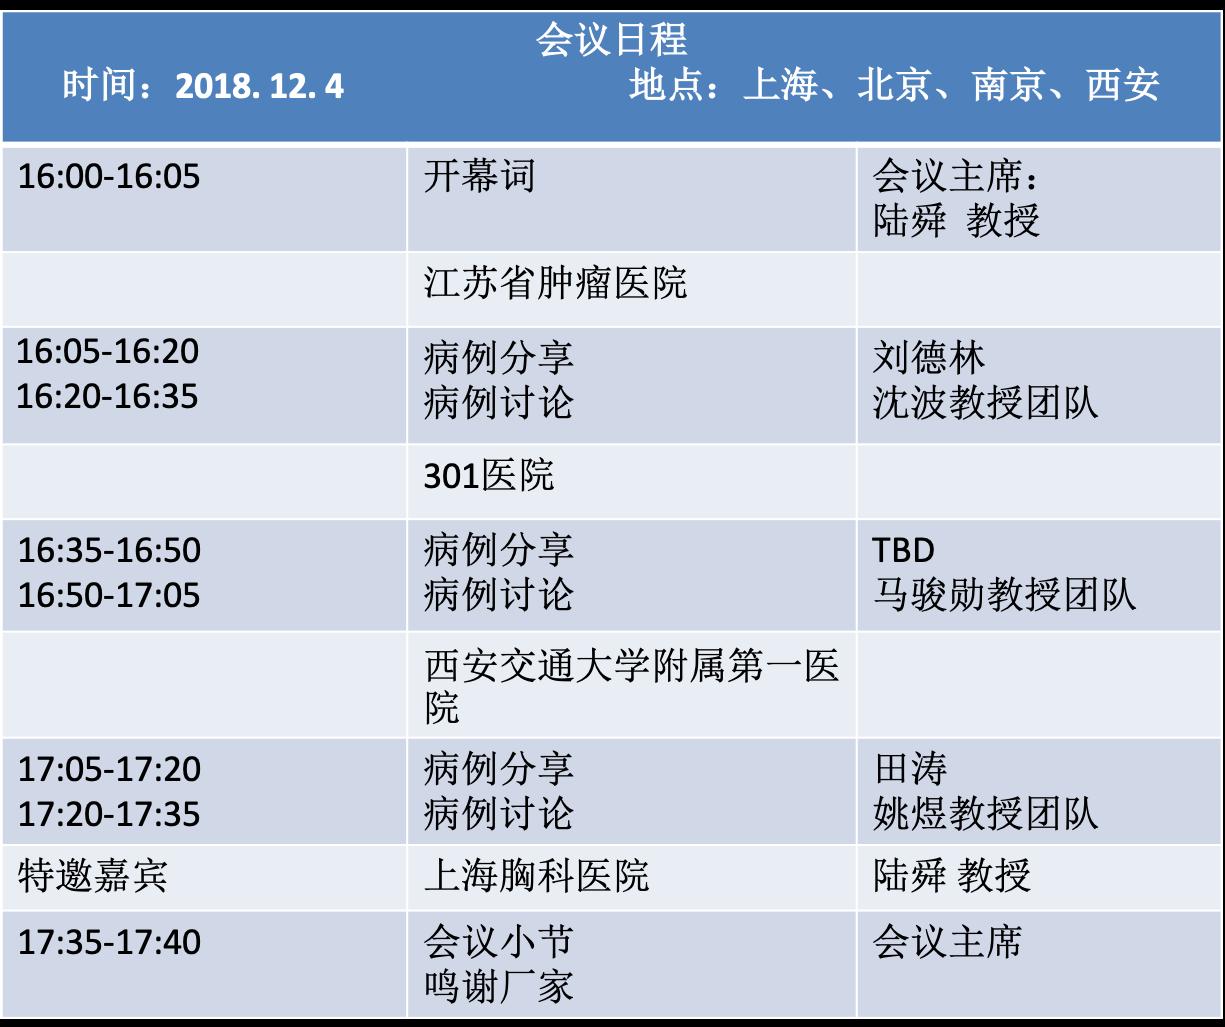 20181204陆教授MDT—会议日程.png